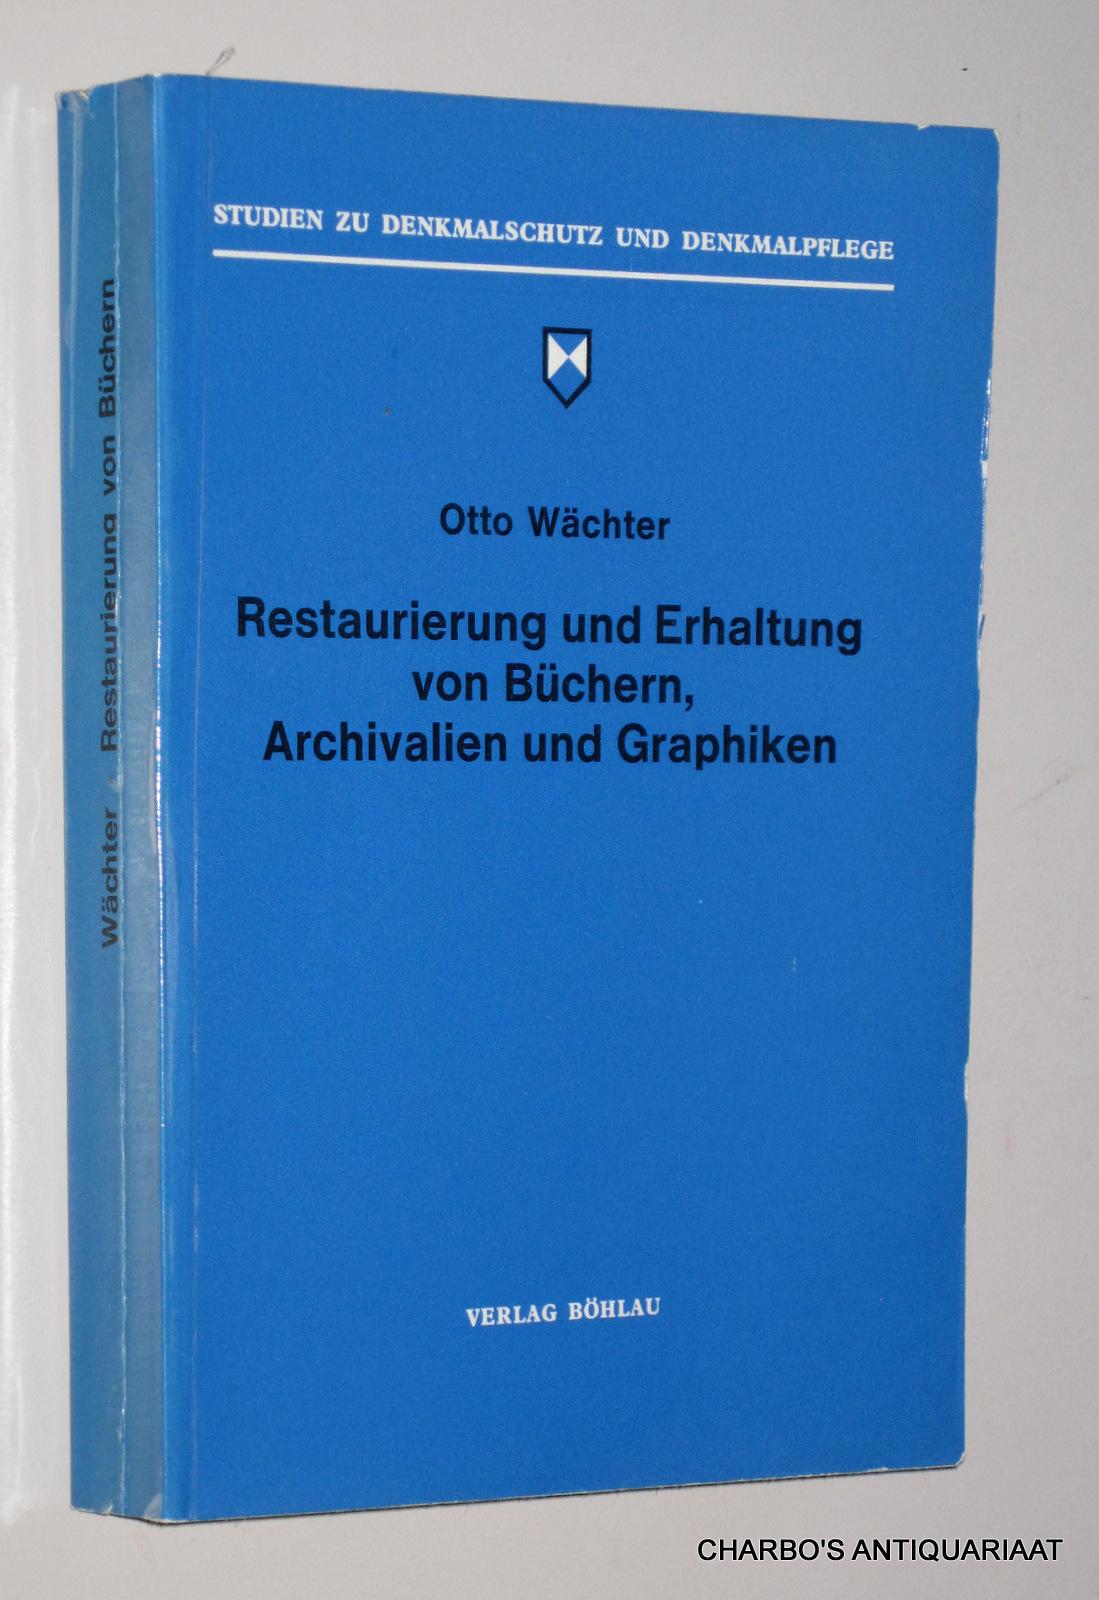 WÄCHTER, OTTO, -  Restaurierung und Erhaltung von Büchern, Archivalien und Graphiken. Mit Berücksichtigung des Kulturguterschutzes laut Haager Konvention von 1954.